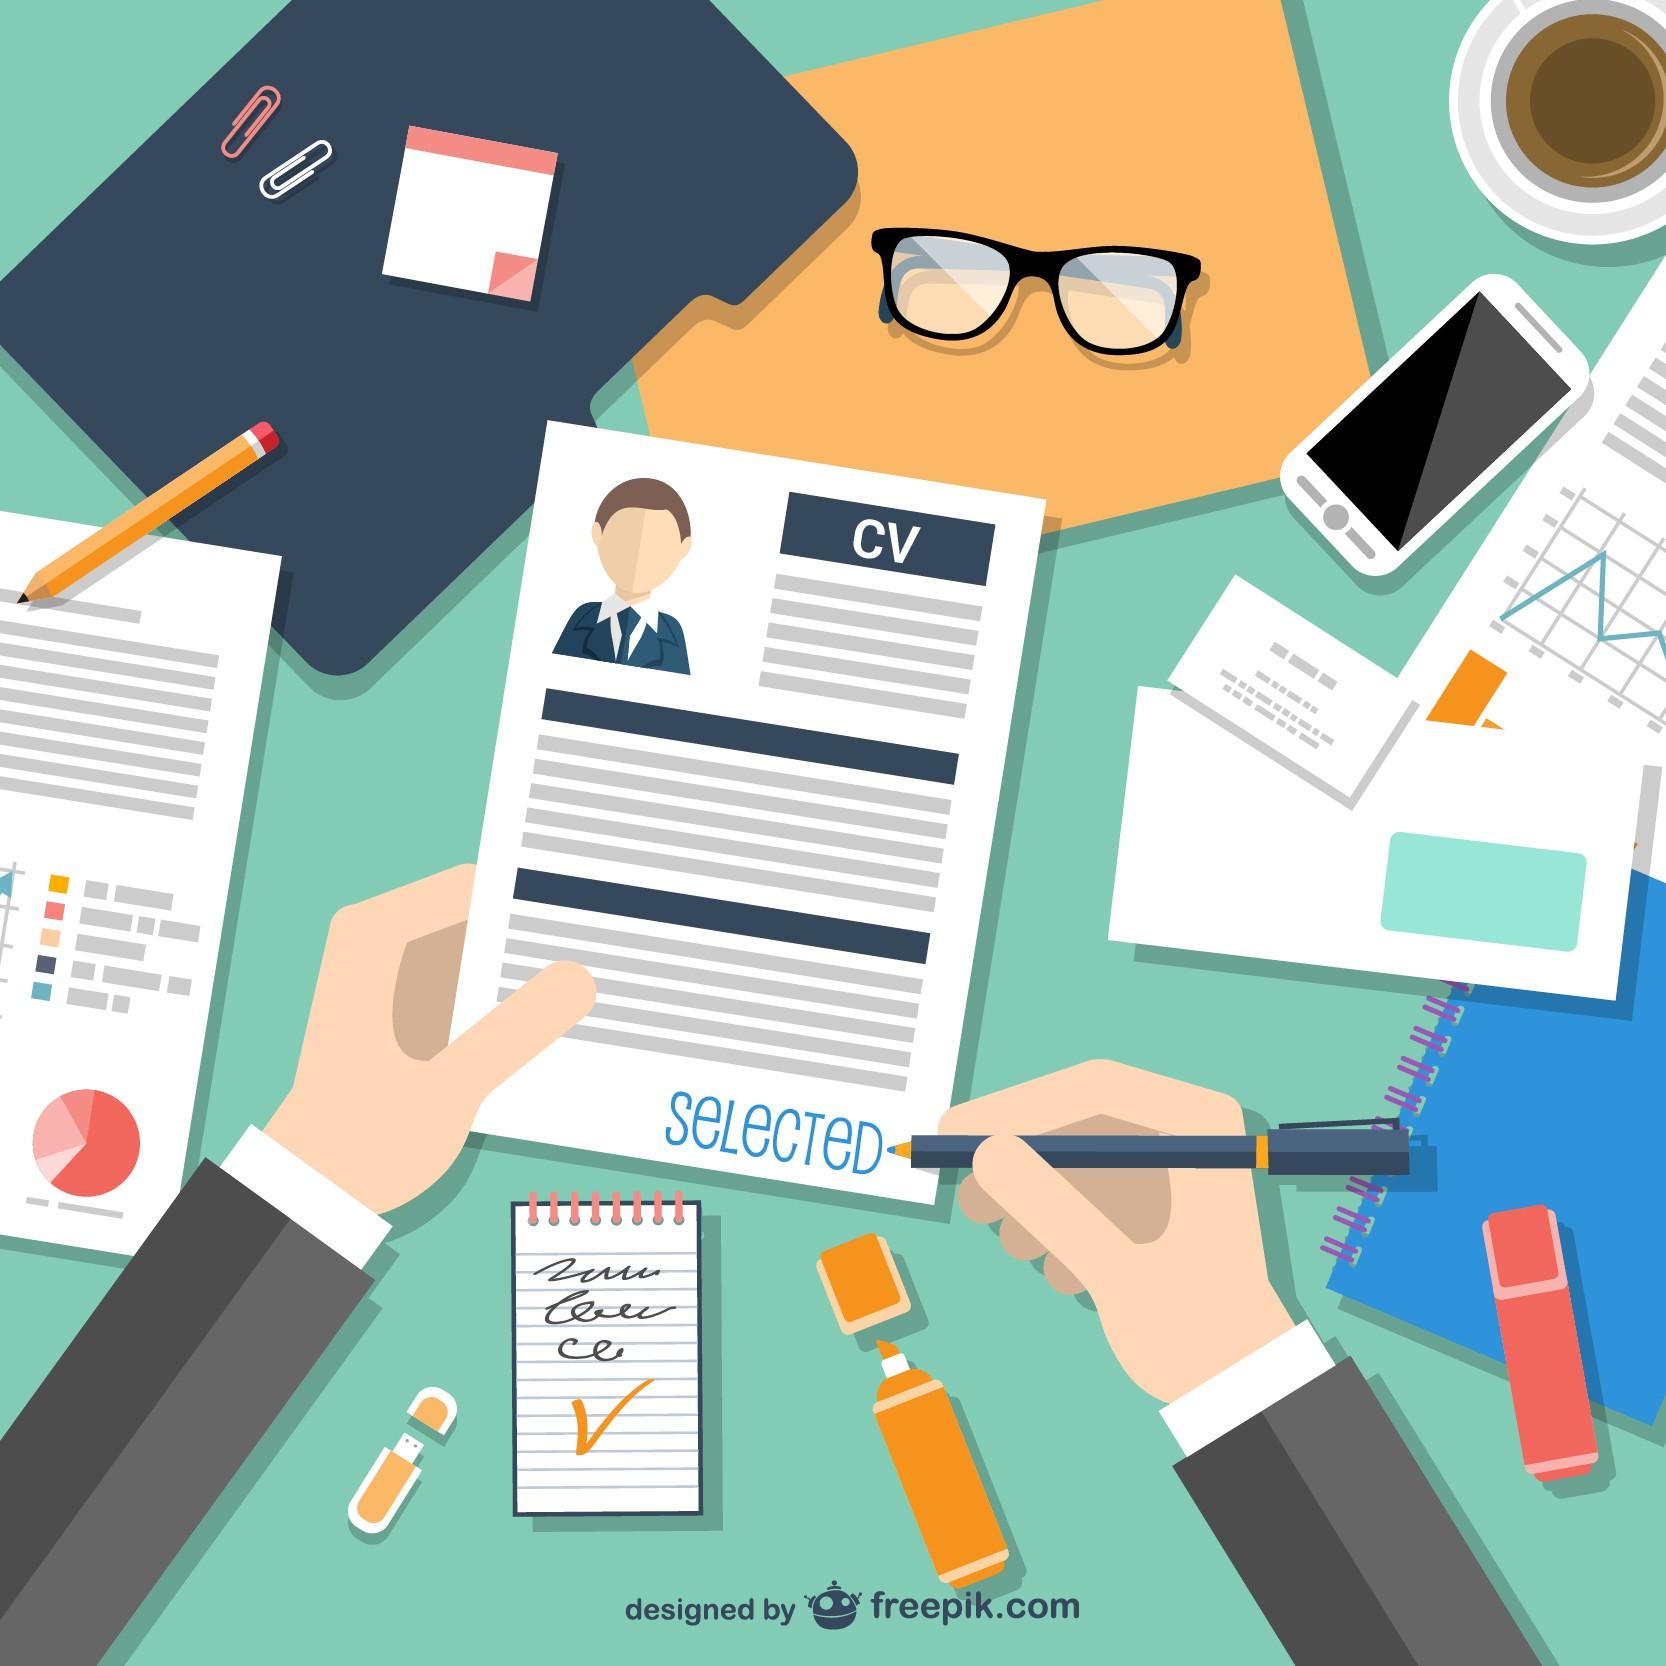 Jak napisać CV do pracy? Pisanie dobrego CV (wzór i porady)